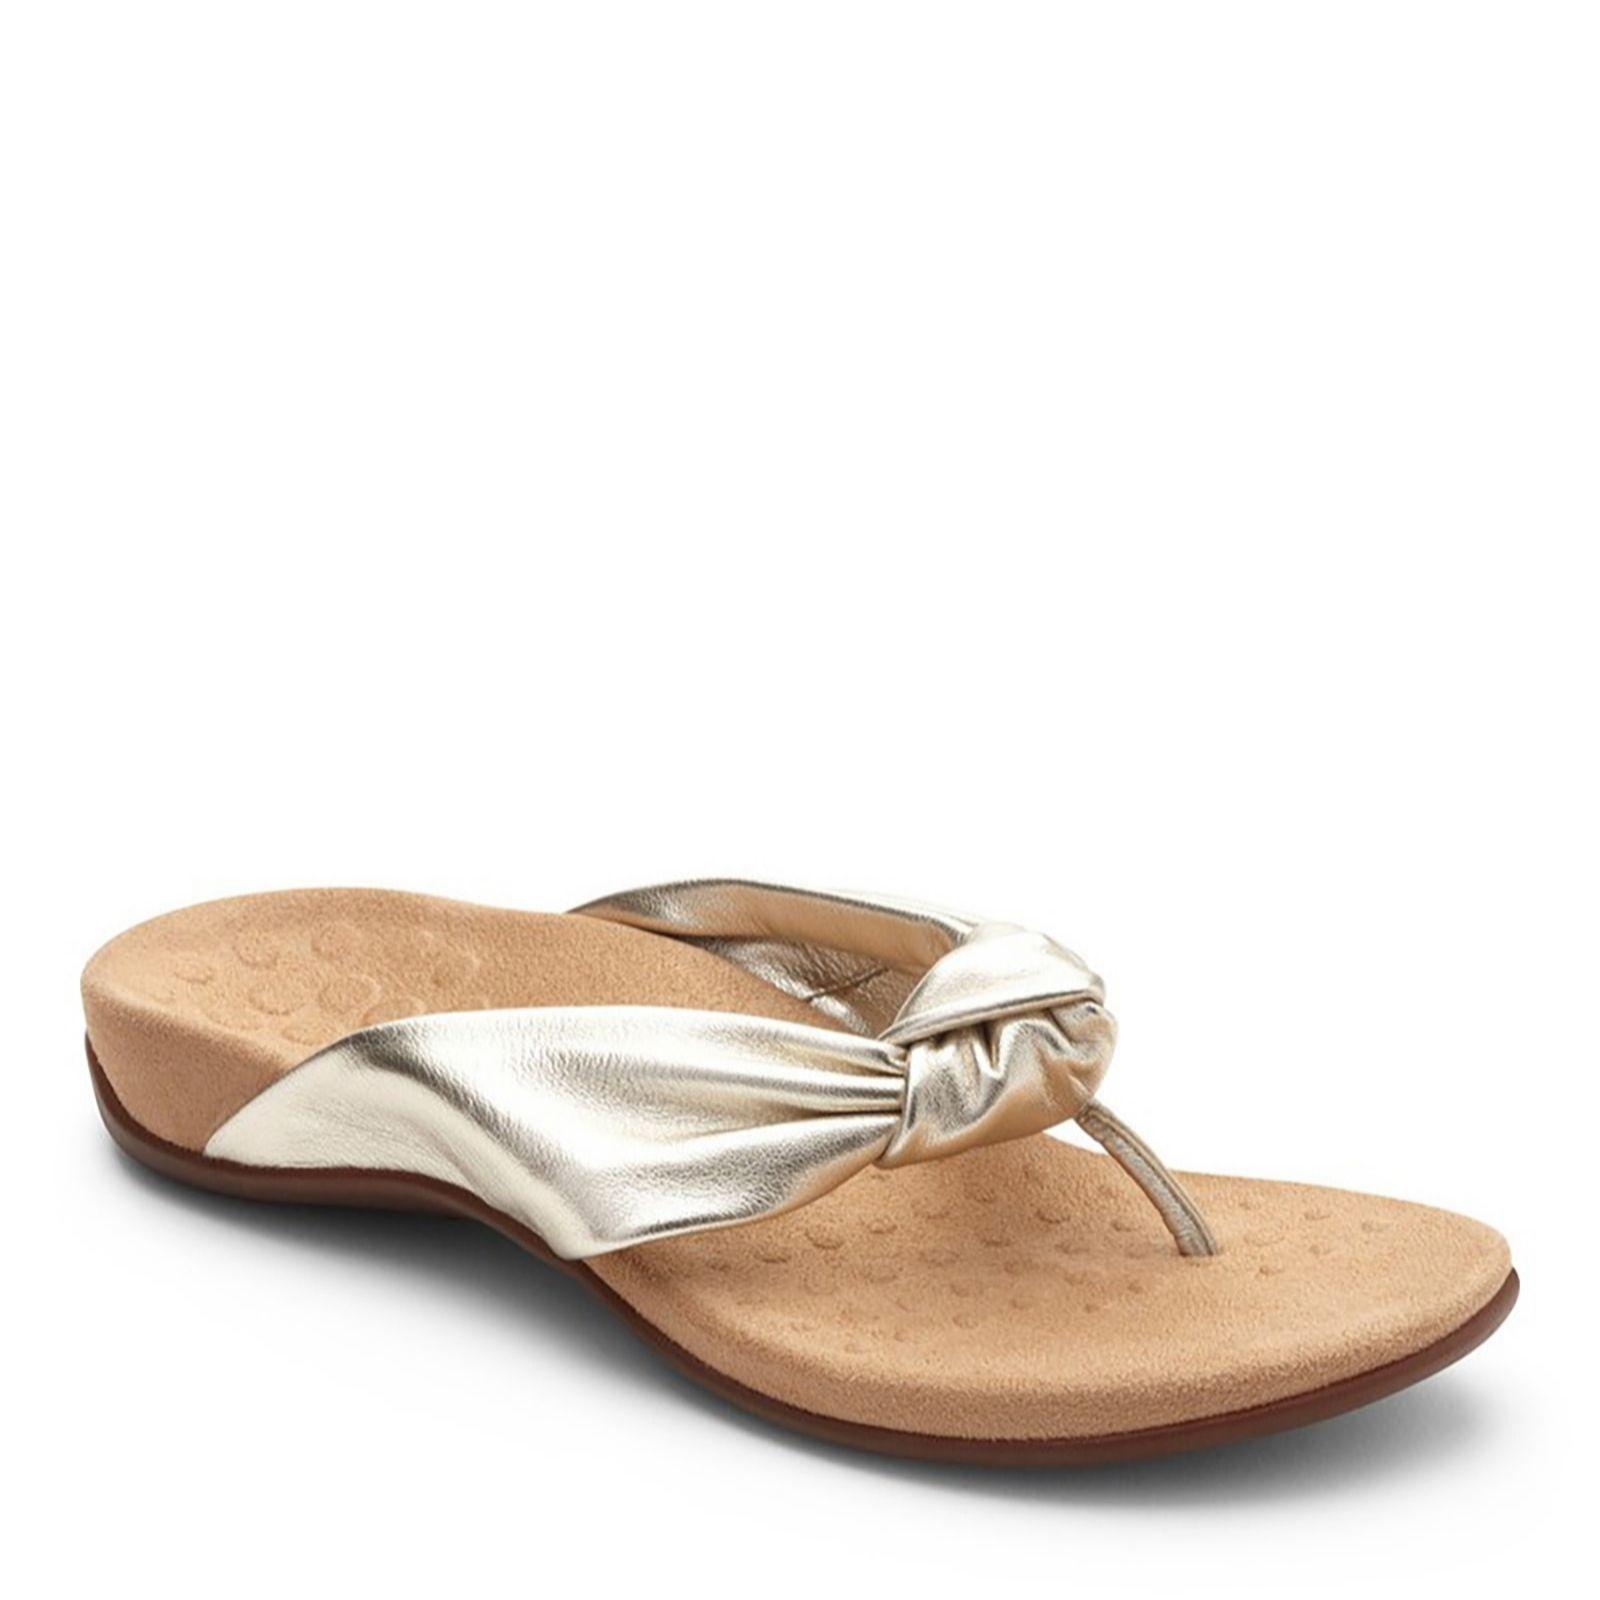 39cf598758f6 Vionic Orthotic Rest Pippa Soft Knotted Toe Post Sandal w  FMT ...